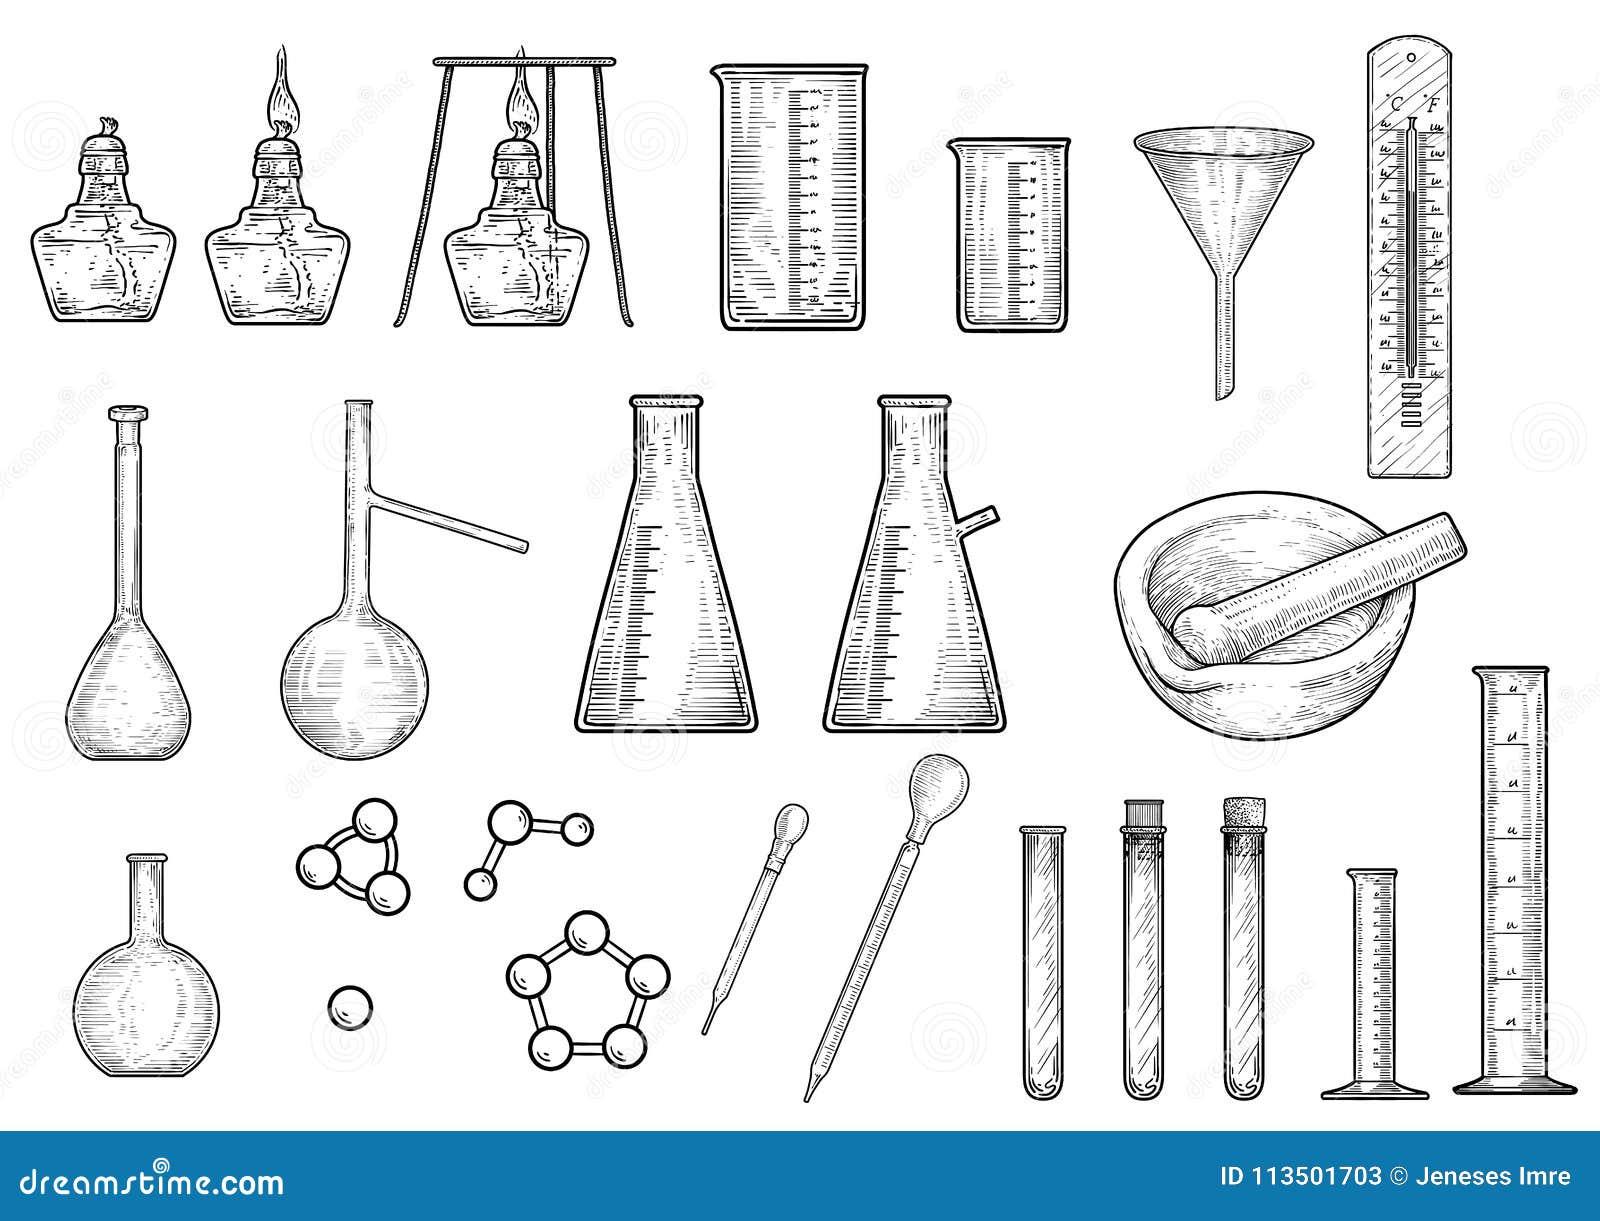 Illustration De Chimie Ou De Collection D'équipements De Physique ...